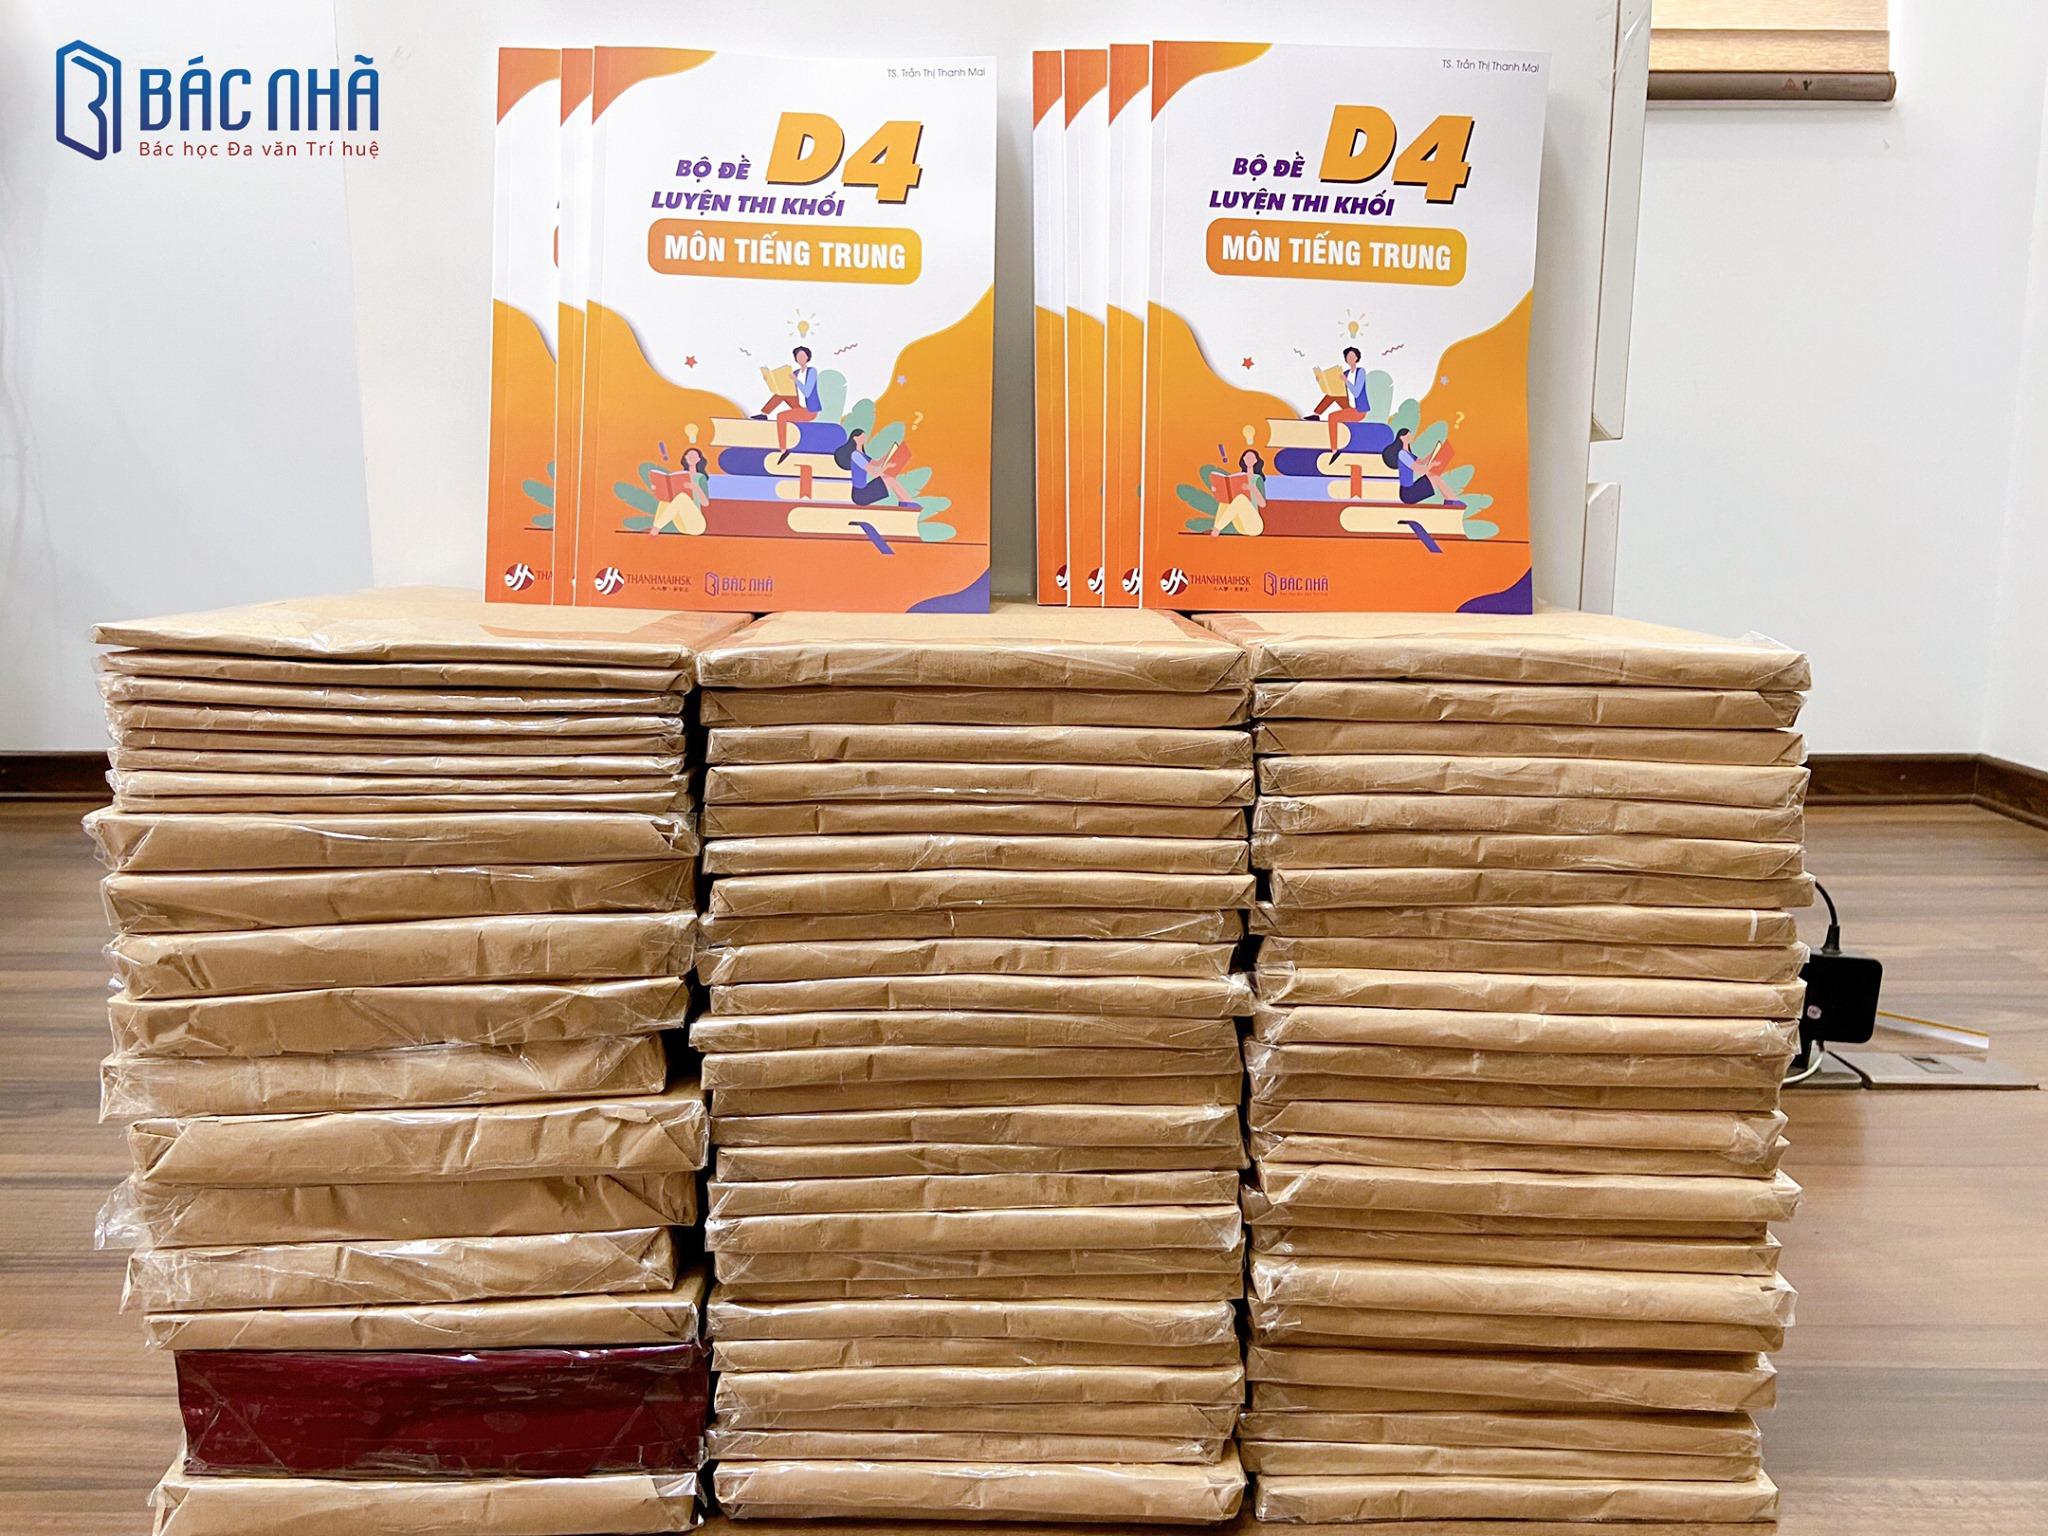 Hình ảnh Mua sách ôn thi khối D4 môn tiếng Trung ở đâu? 2